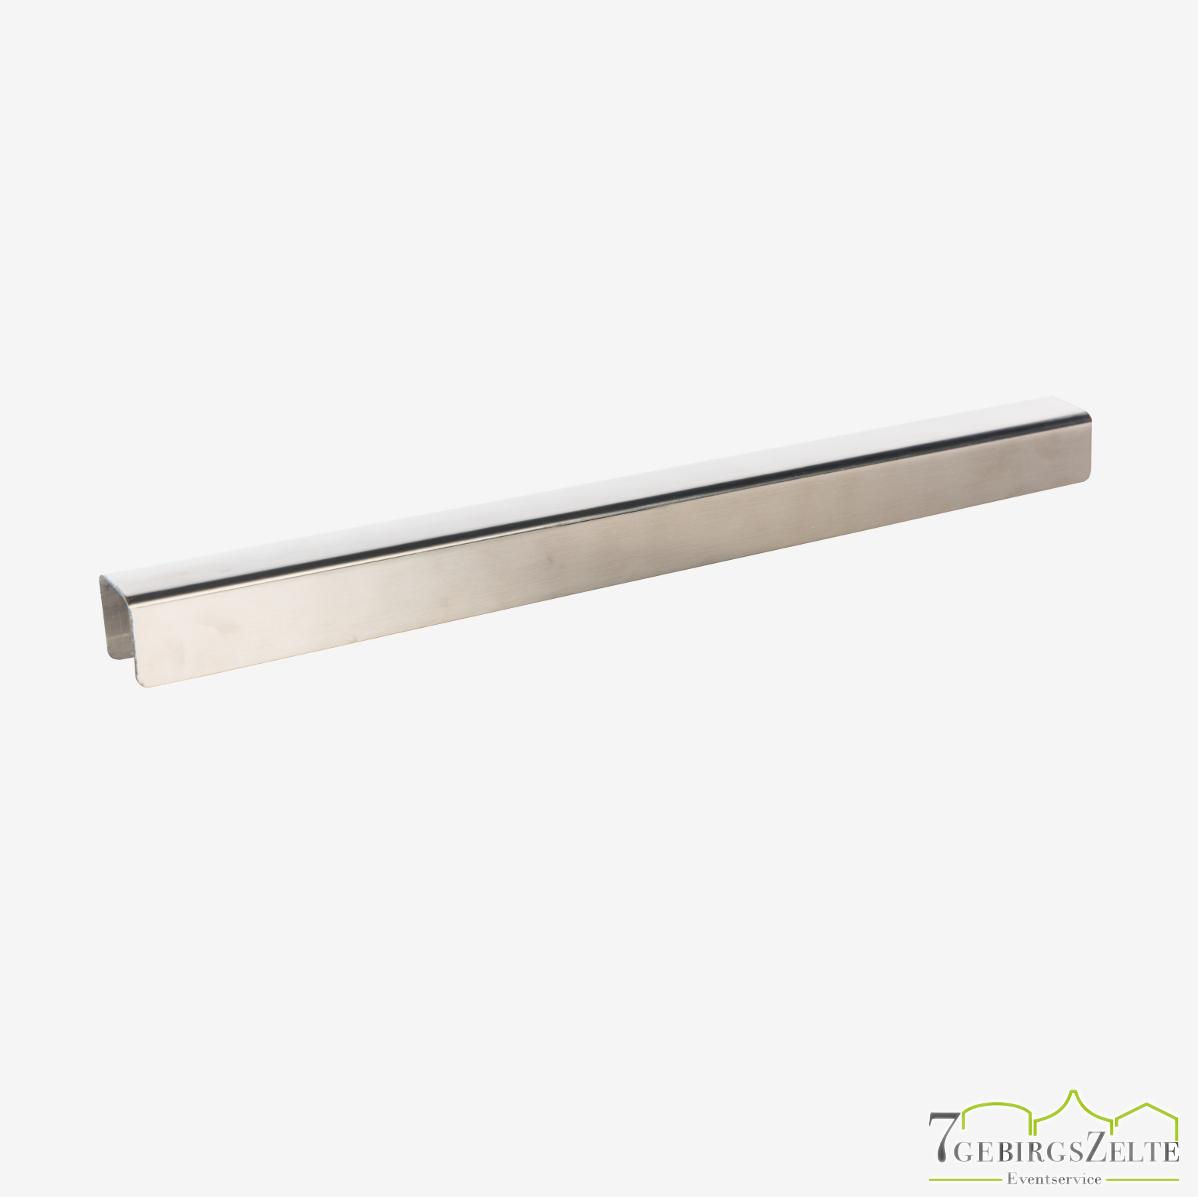 Schoner Stahl für Kasar Barstuhl